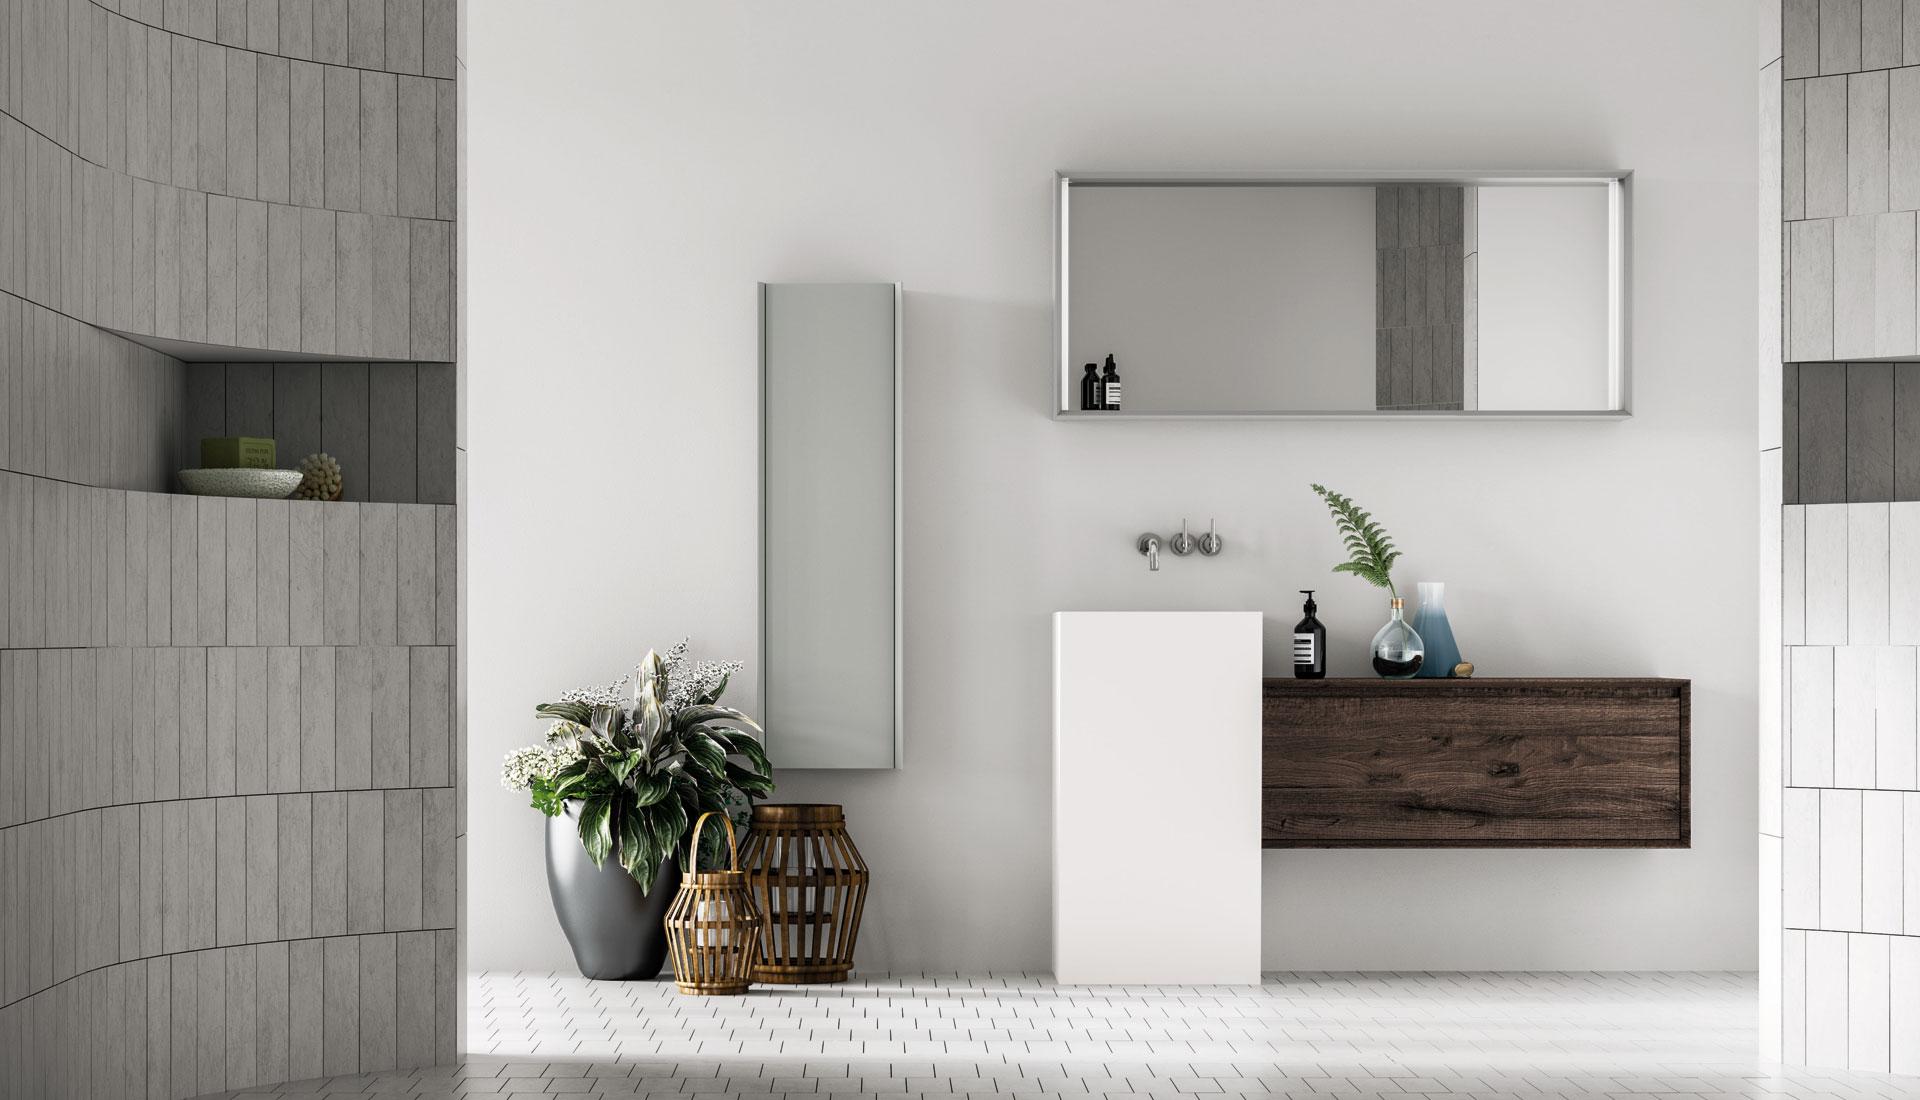 arredo bagno: mobili e arredamento bagno su misura - puntotre - Mobili Arredo Per Bagno